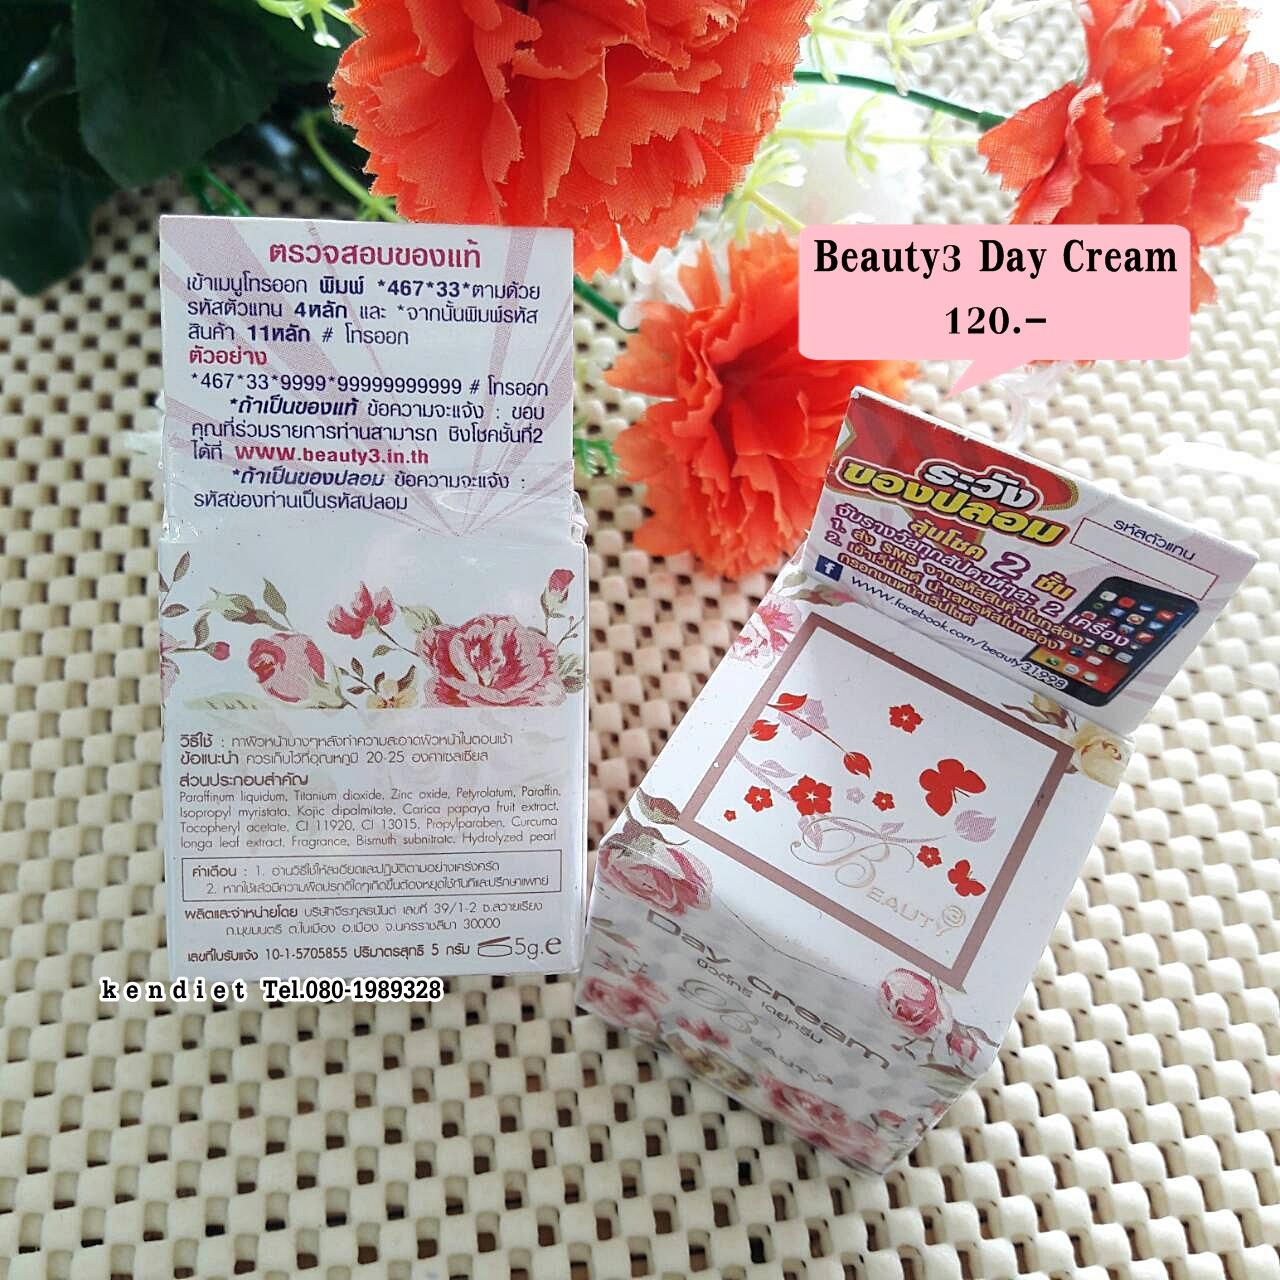 Beauty3 Day Cream บิวตี้ทรีเดย์ครีม รักษาฝ้า กระ จุดด่างดำ ขนาด 5 กรัม 120 บาท